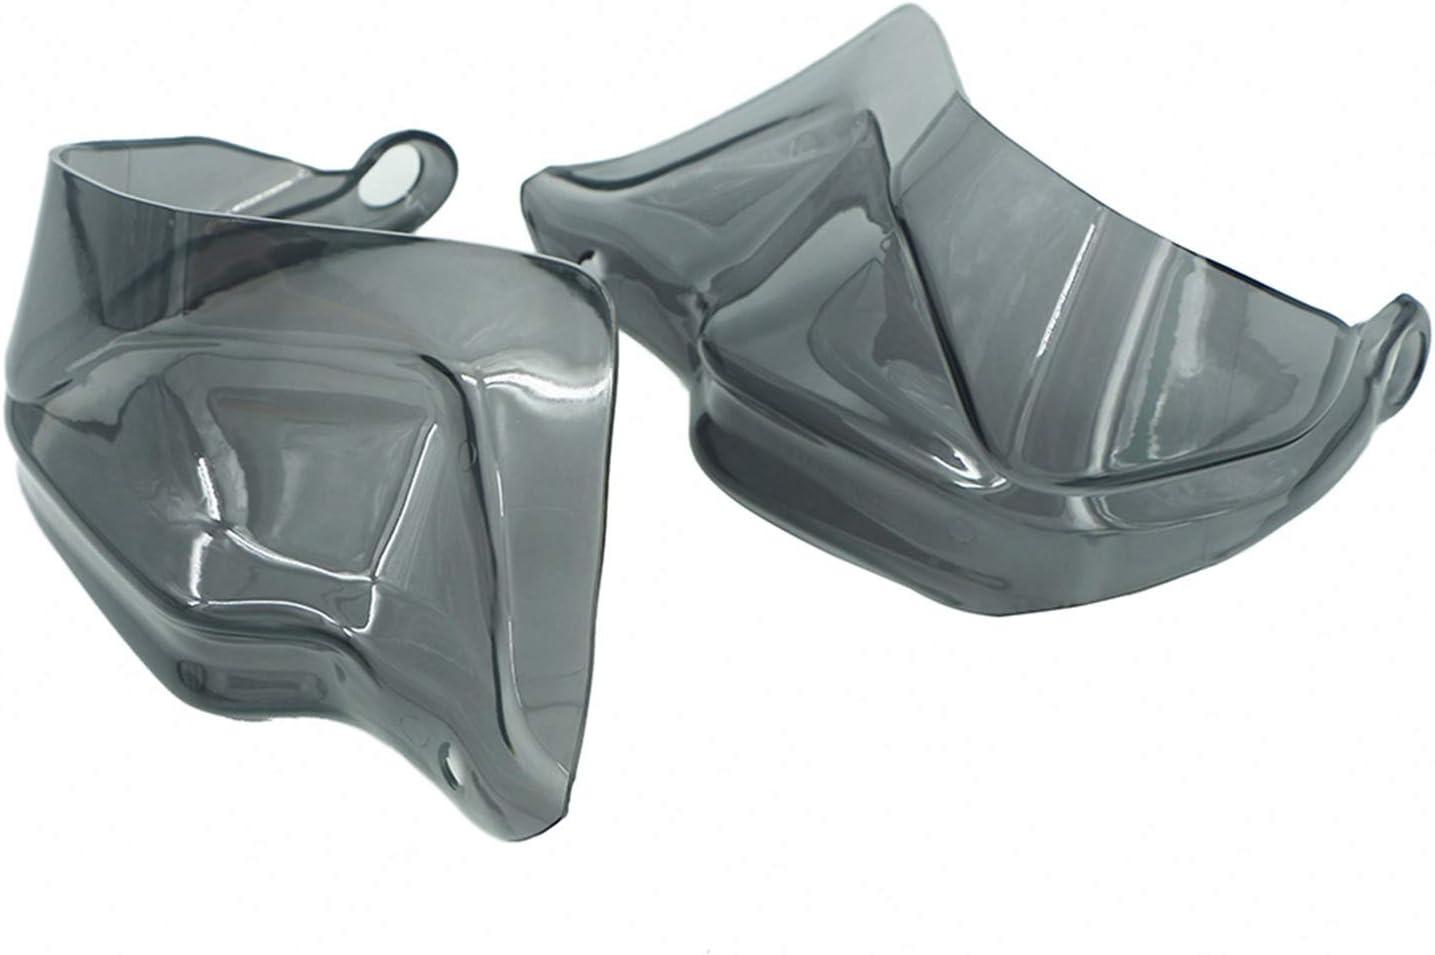 RKRLJX Pare-Brise Fit for BMW R1250GS R1200GS R 1200 GS LC Adventure 2013-2020 F750 800 850 GS Moto Guard Hand Guard Guard Protecteur De Pare-Brise